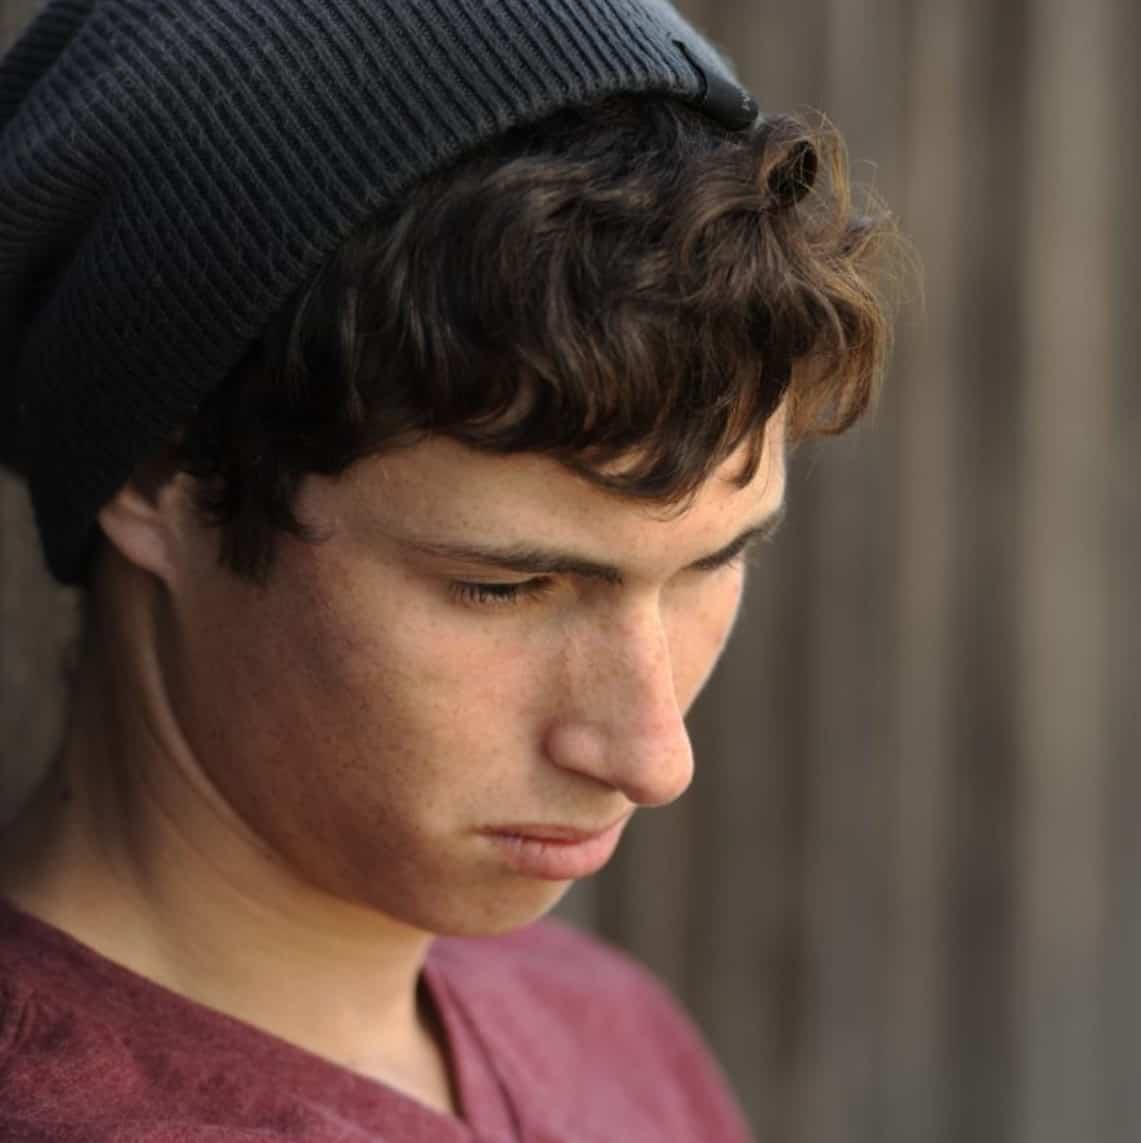 teen with ptsd